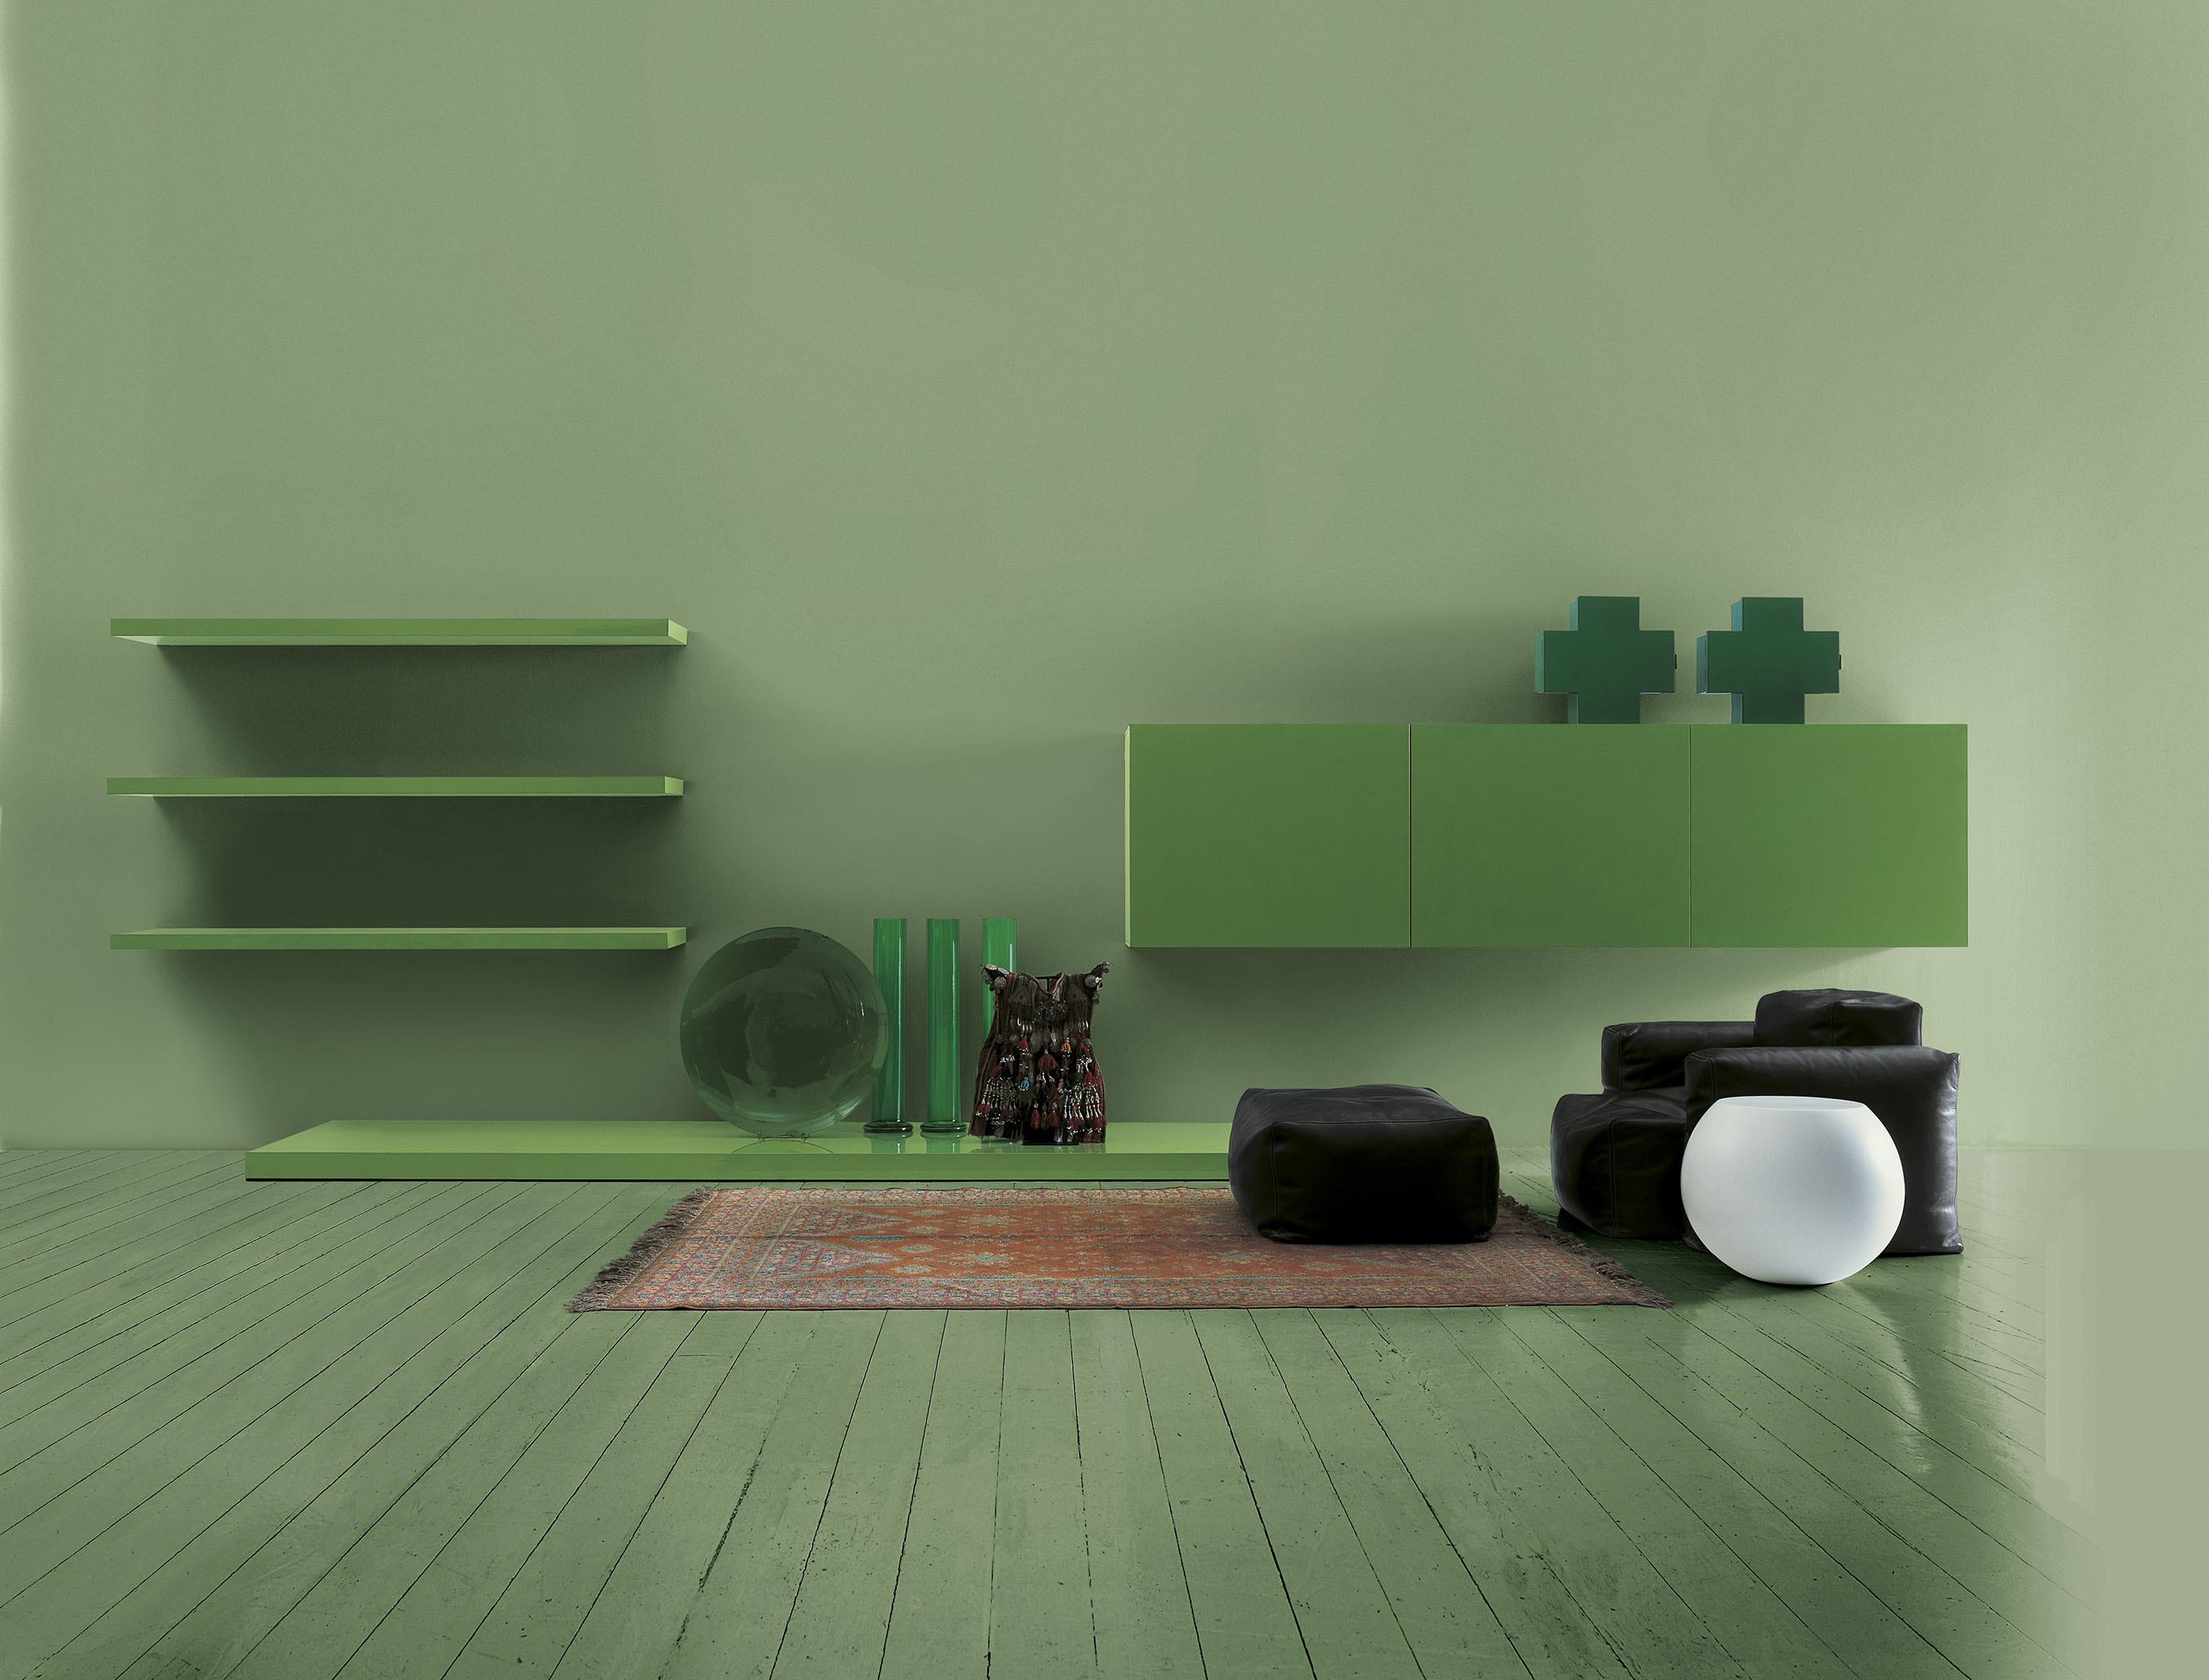 储物|储物柜|创意家具|现代家居|时尚家具|设计师家具|定制家具|实木家具|Aviolux